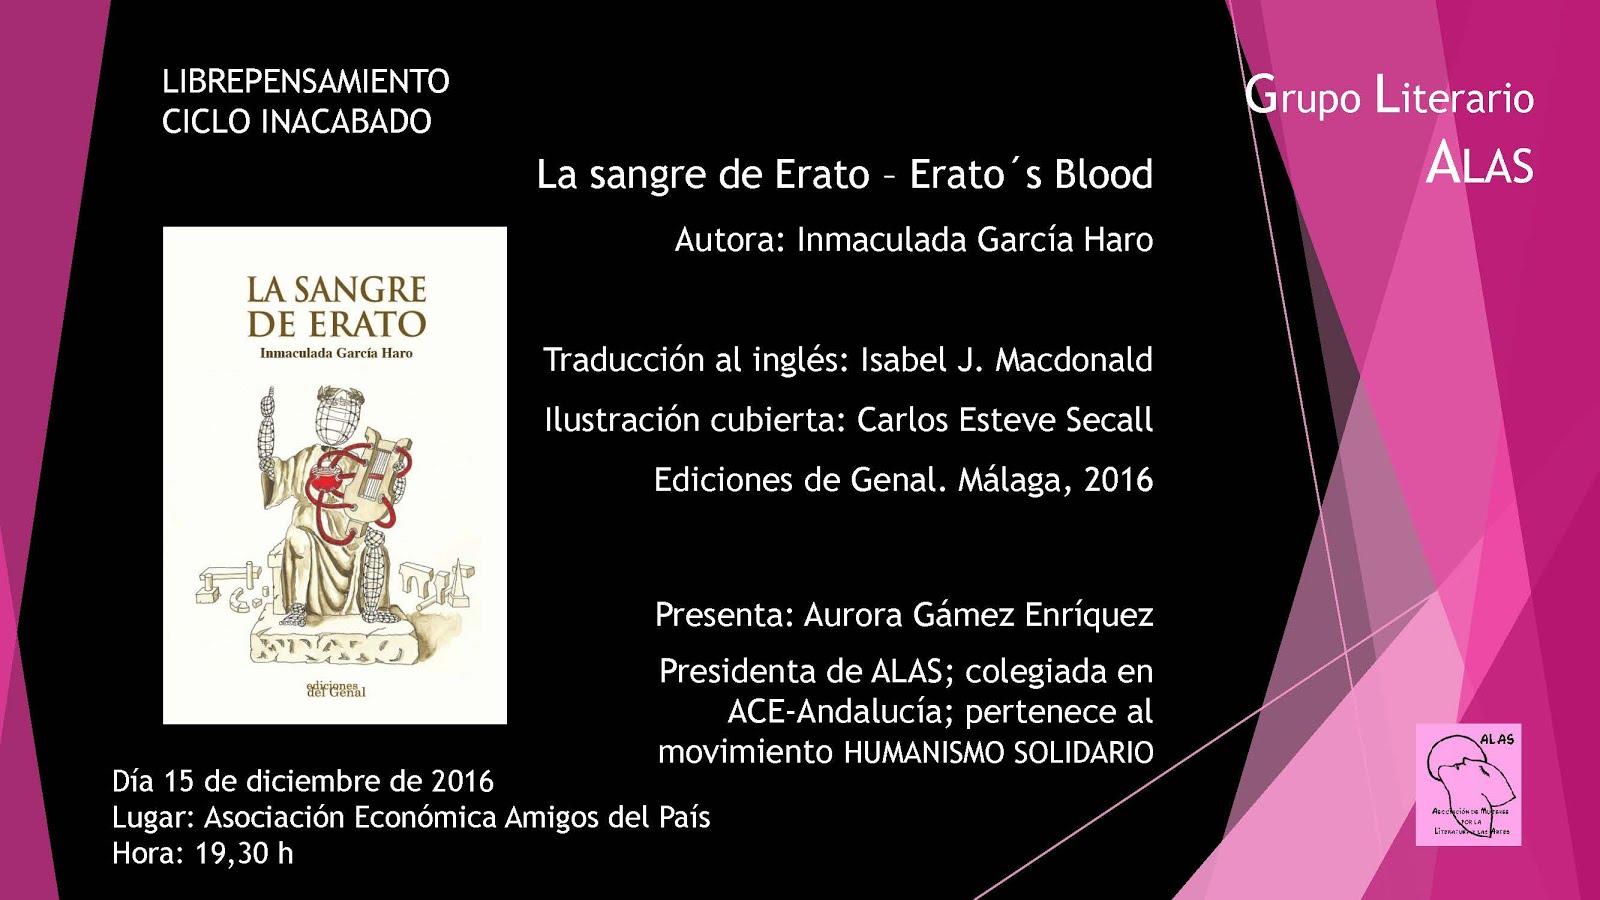 VII Edición Ciclo Librepensamiento de Grupo ALAS